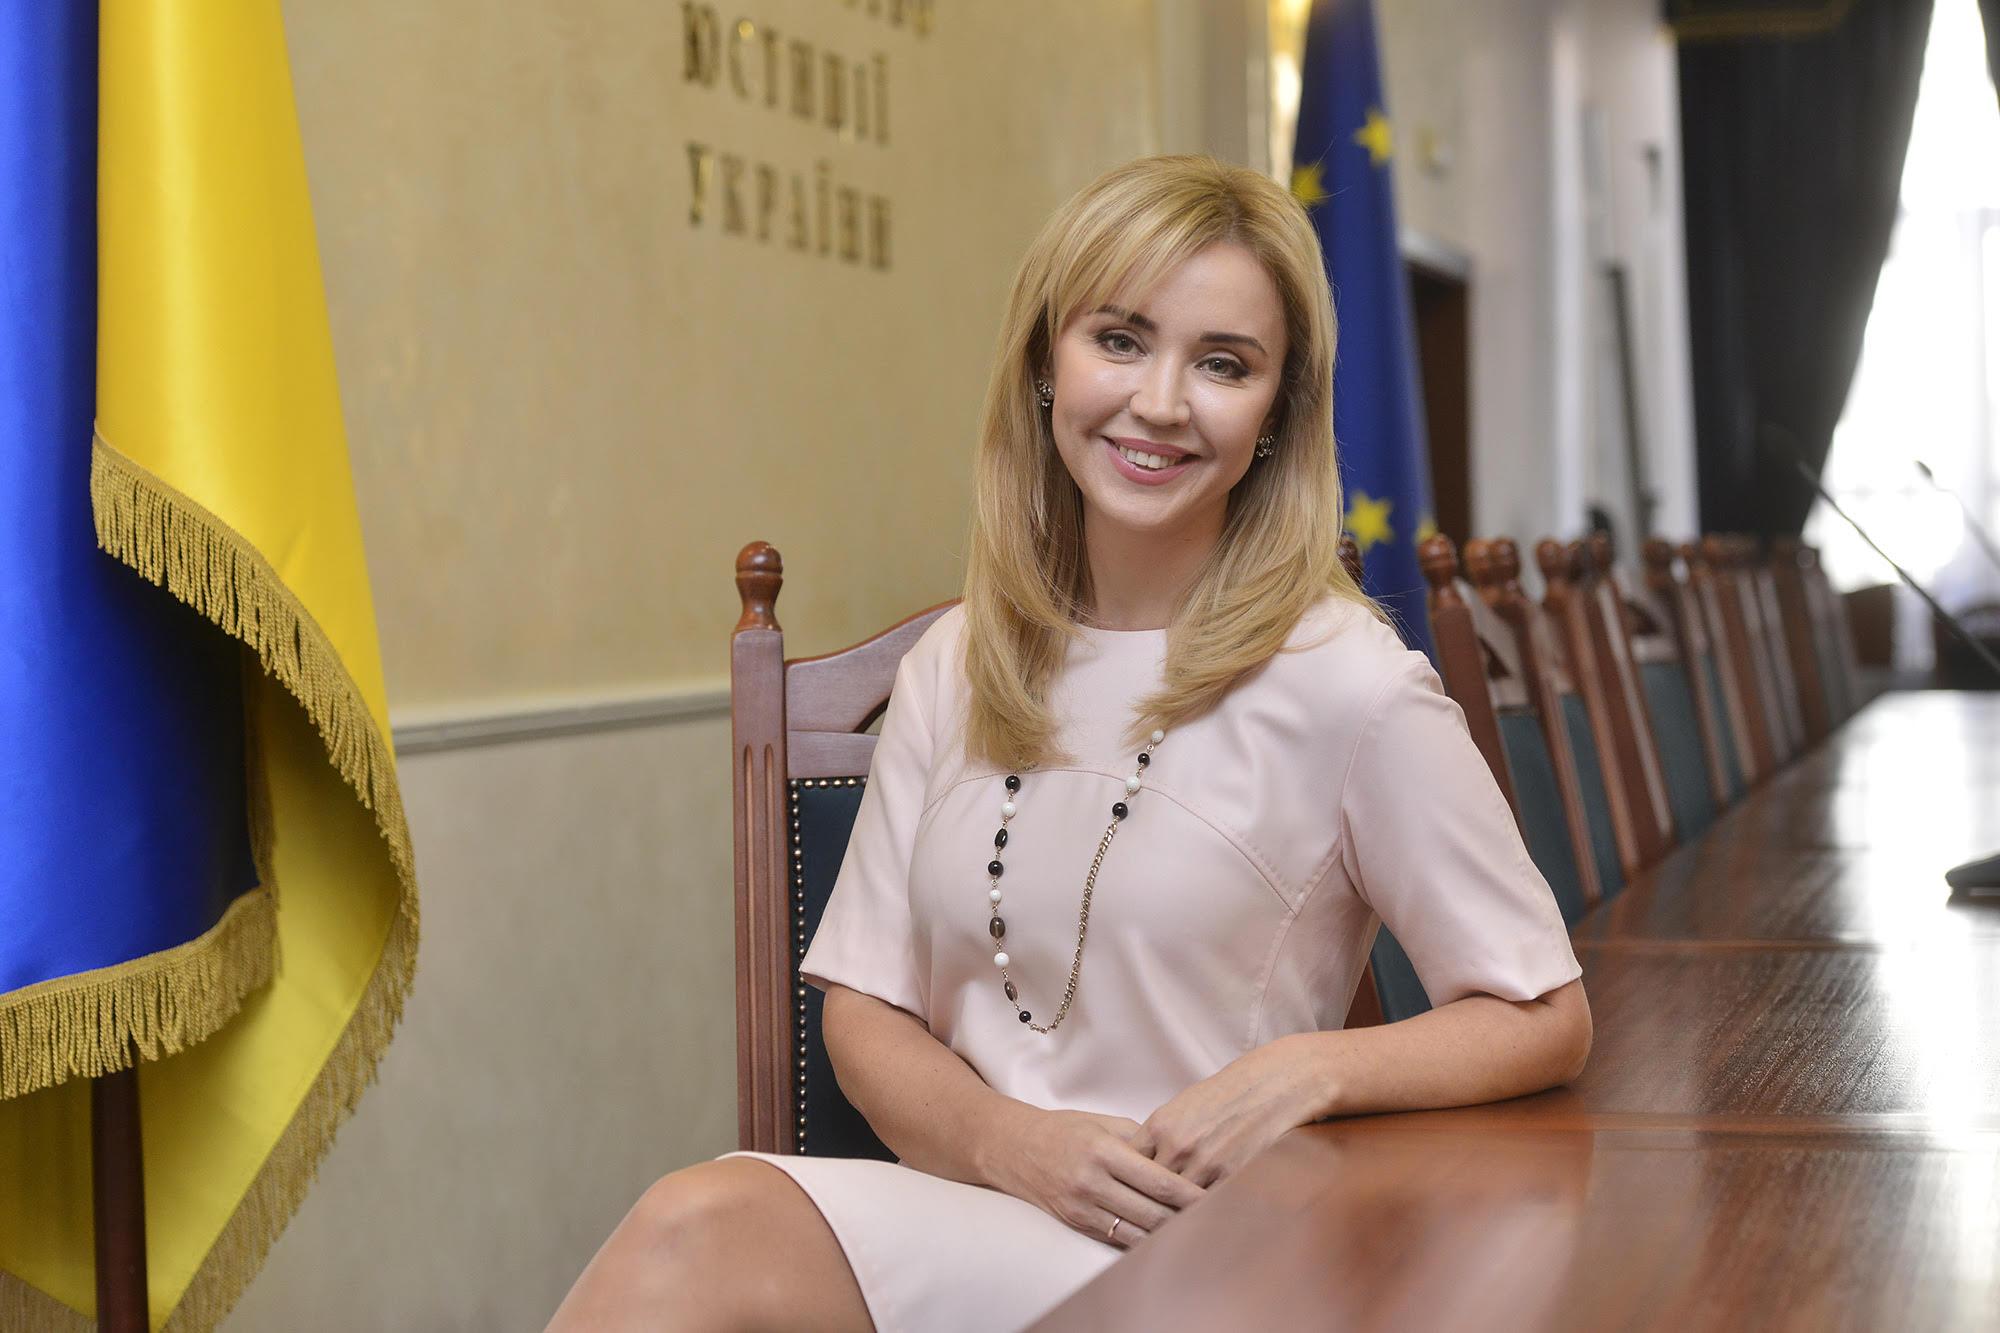 Ольга Оніщук, заступник міністра юстиції: Наша кінцева мета – ліквідувати Антирейдерську комісію, бо вона стане непотрібною